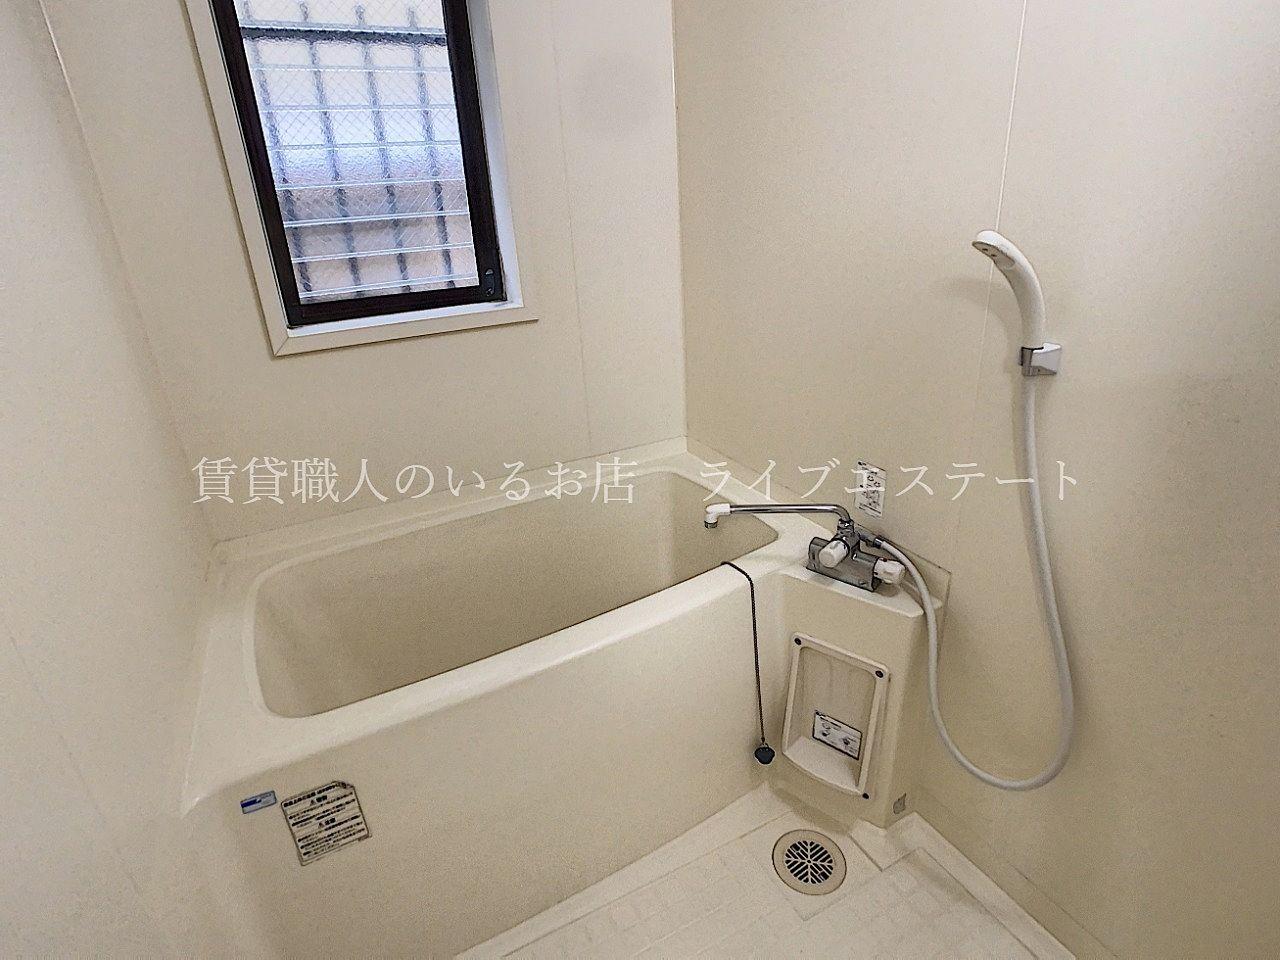 サーモスタット付き水栓で、お湯の温度調整がしやすいです